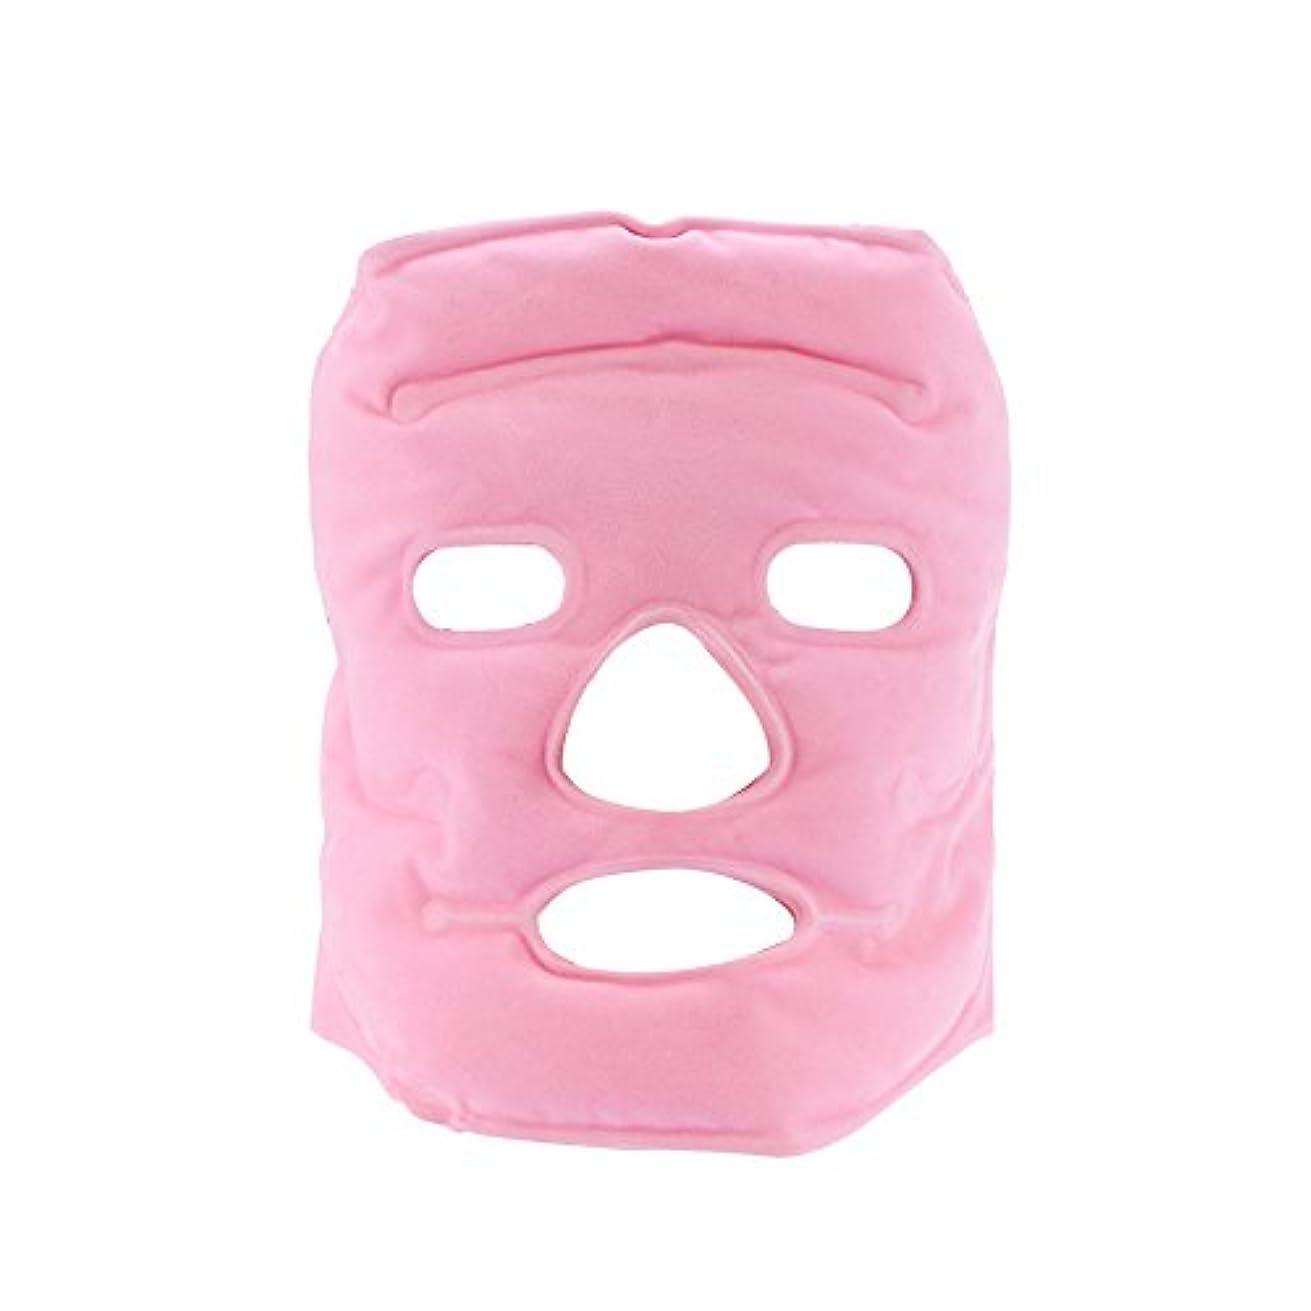 実験をする千近々トルマリンフェイスマスク、フェイシャル美容マスク計器トルマリン磁気コールド/ホットコンプレッションマッサージアンチリンクルフェイスケア女性